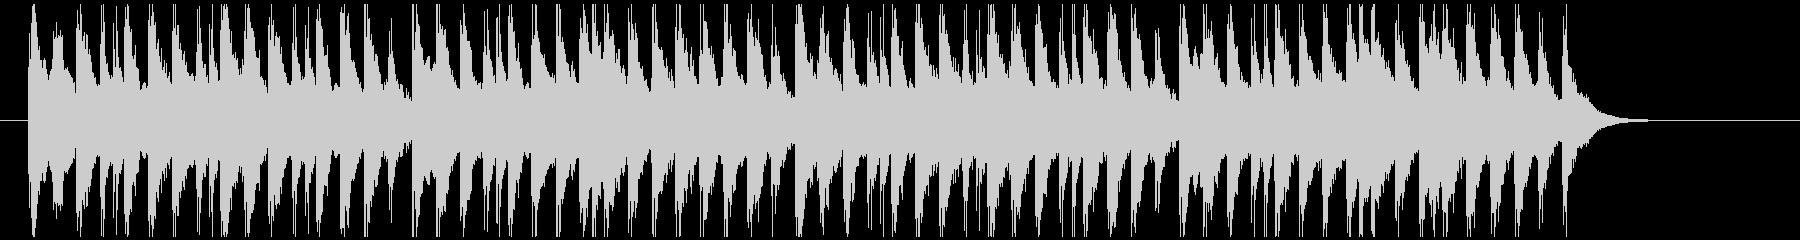 和物の劇のシーンチェンジに合うジングルの未再生の波形